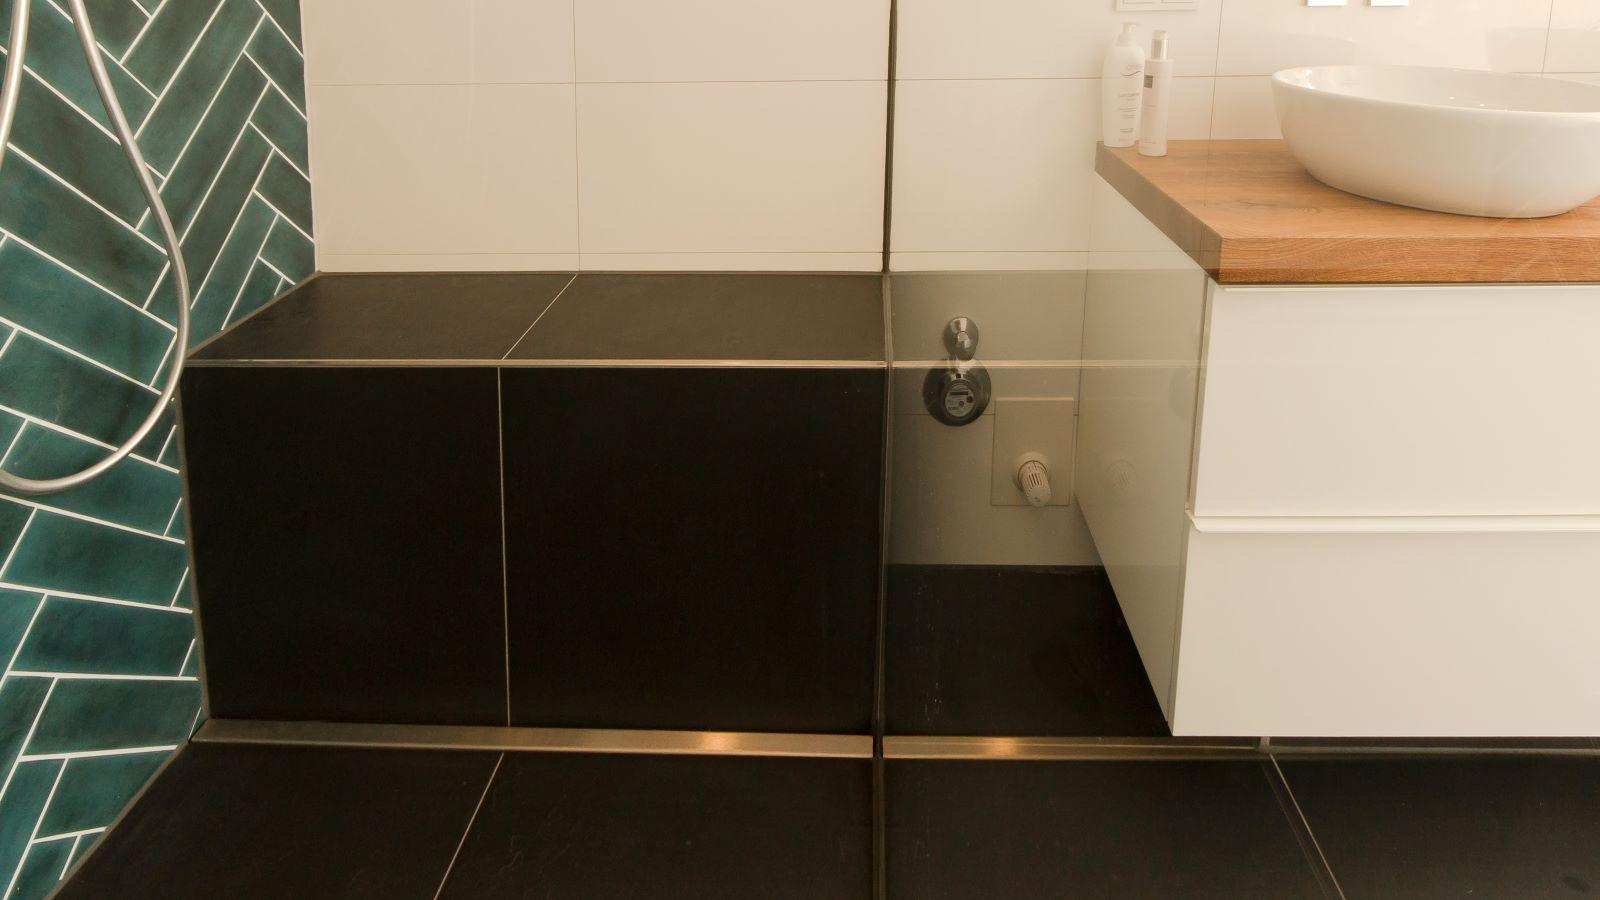 Die abgebildete, barrierefreie walk-in-dusche im luxurioesen bad hat eine direkt vor einer sitzbank montierte v4a edelstahl-duschrinne pro. Die sehr flache, maßgefertigte duschrinne pro ist ideal für diese badsanierung im altbau. Cm-genau massgefertigt bis 600 cm laenge laesst sich die duschrinne pro hier perfekt einbauen. Die sehr hohe ablaufleistung, einfache montage, sichere abdichtung und einfache verlegung auch von xxl-fliesen machen die duschrinne pro zur ersten wahl fuer bodengleiche duschen. Einfache pflege der unempfindlichen duschrinne pro sowie hygienische reinigung ohne werkzeug und ohne haarsieb ergaenzen die praktischen vorteile der duschrinne pro.